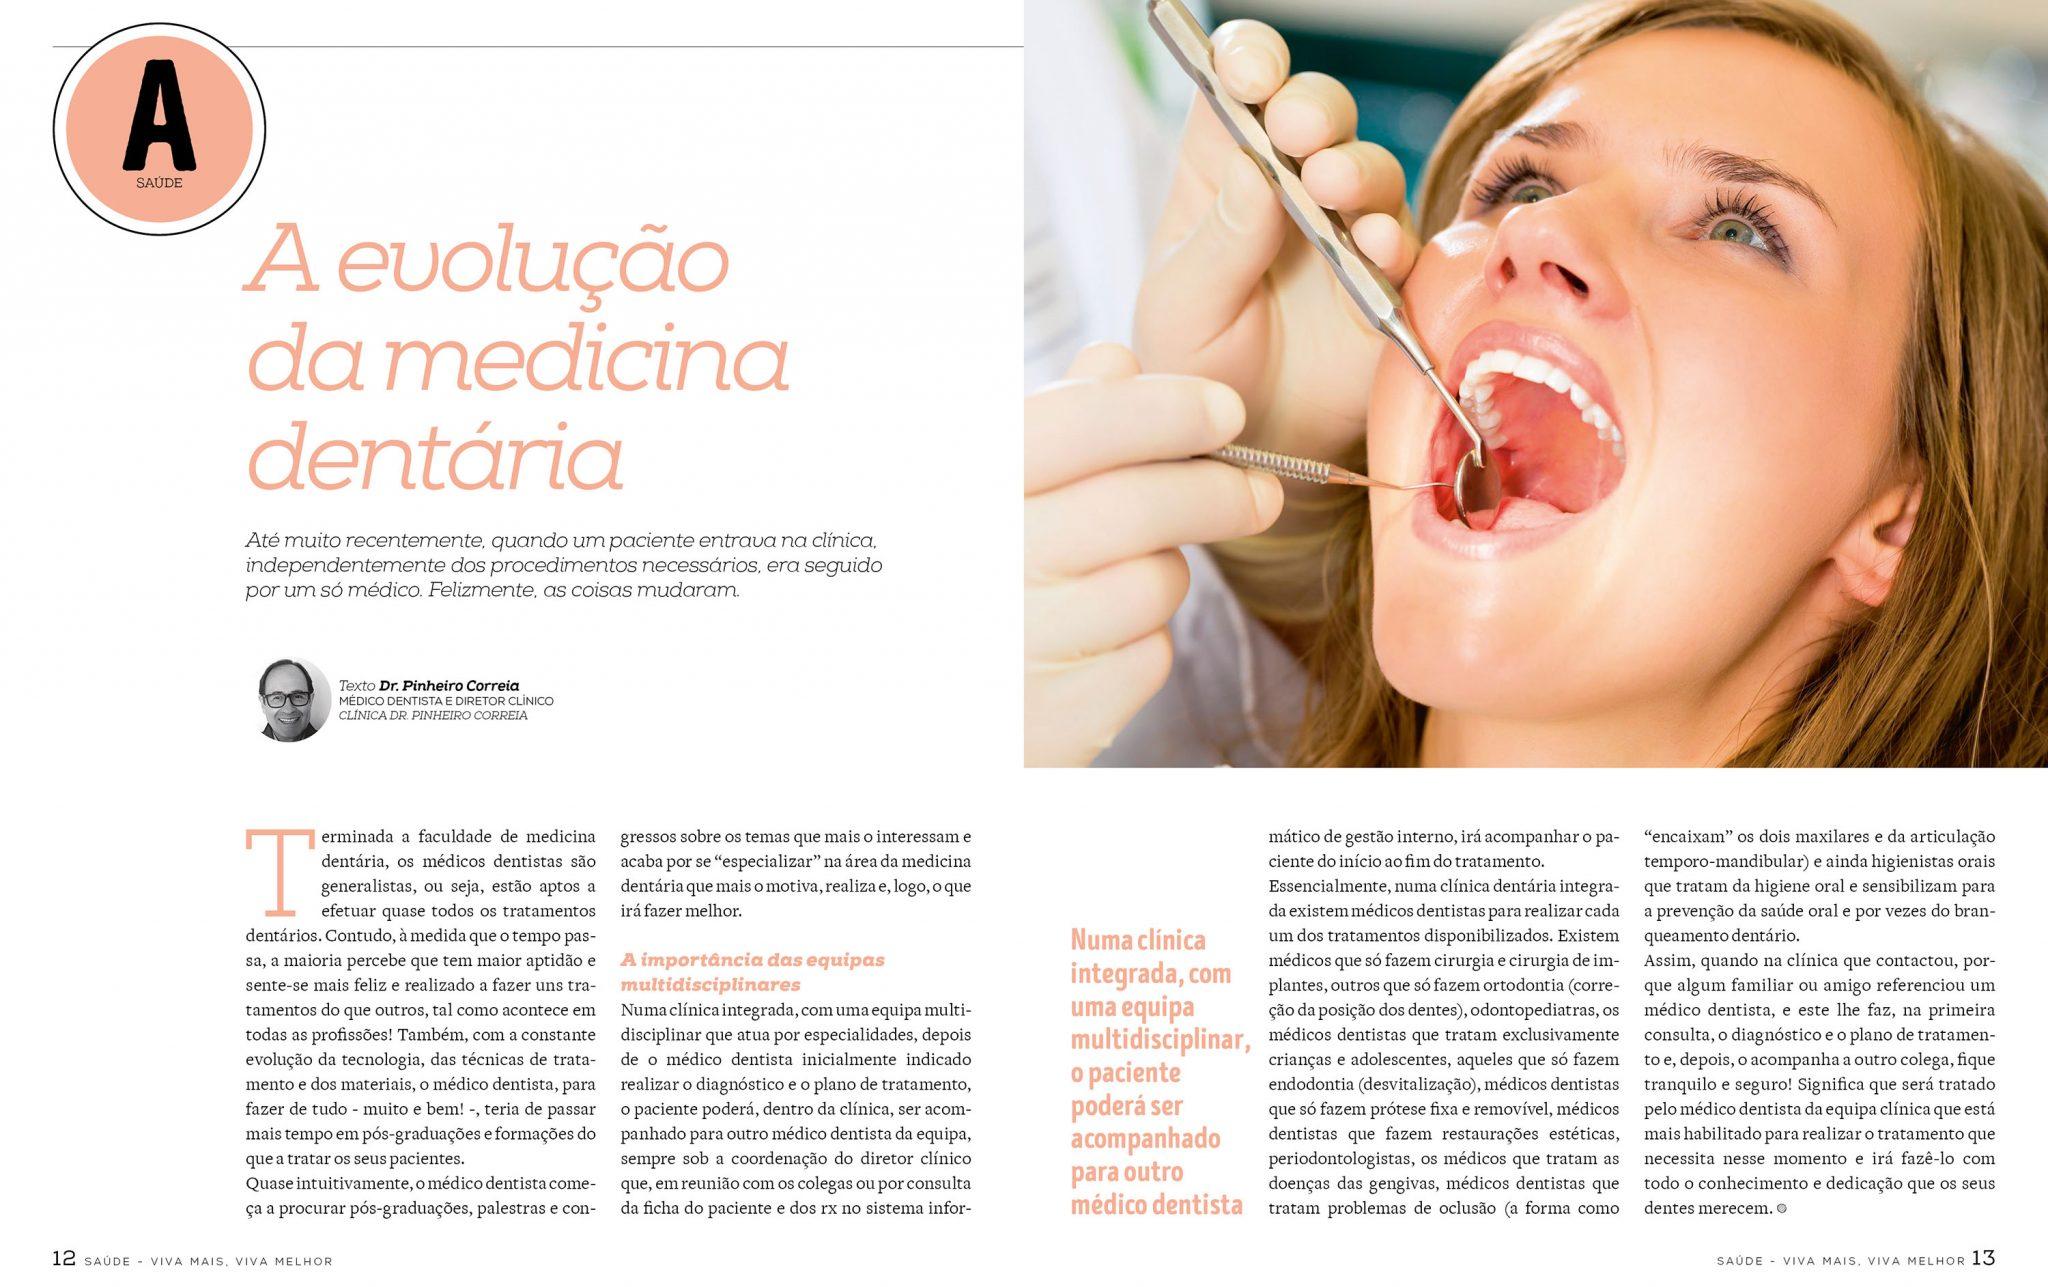 A evolução da medicina dentária